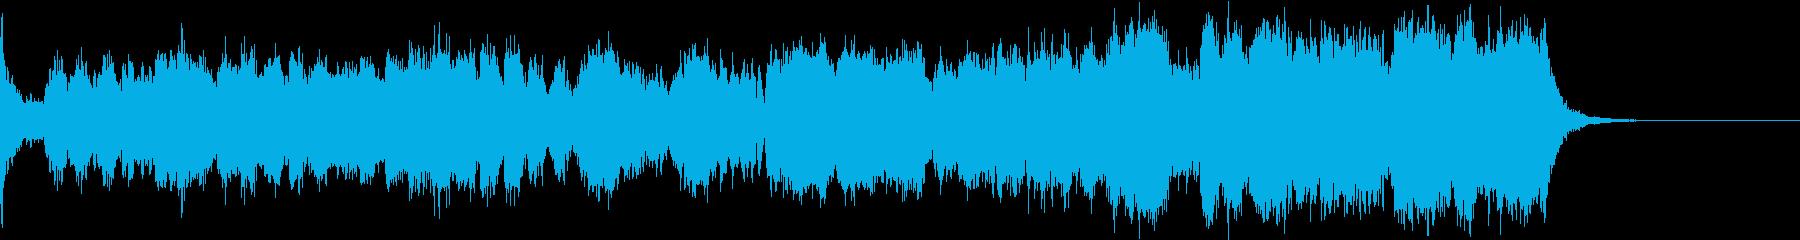 高音質版 お洒落なクラシック イタリアの再生済みの波形